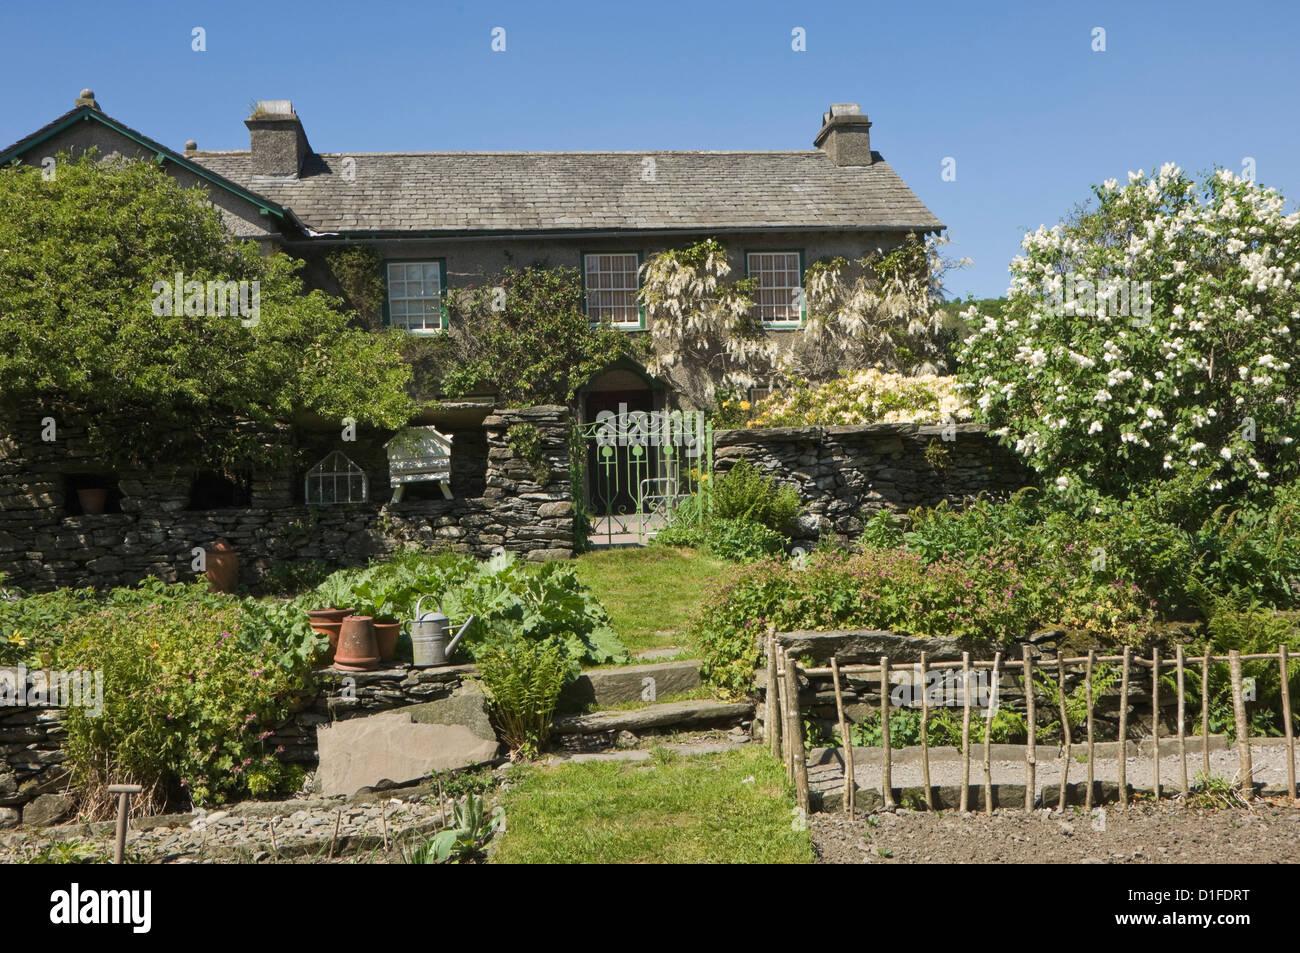 Colline, Sawrey, la maison de Beatrix Potter, célèbre auteur de livres pour enfants, Parc National de Photo Stock